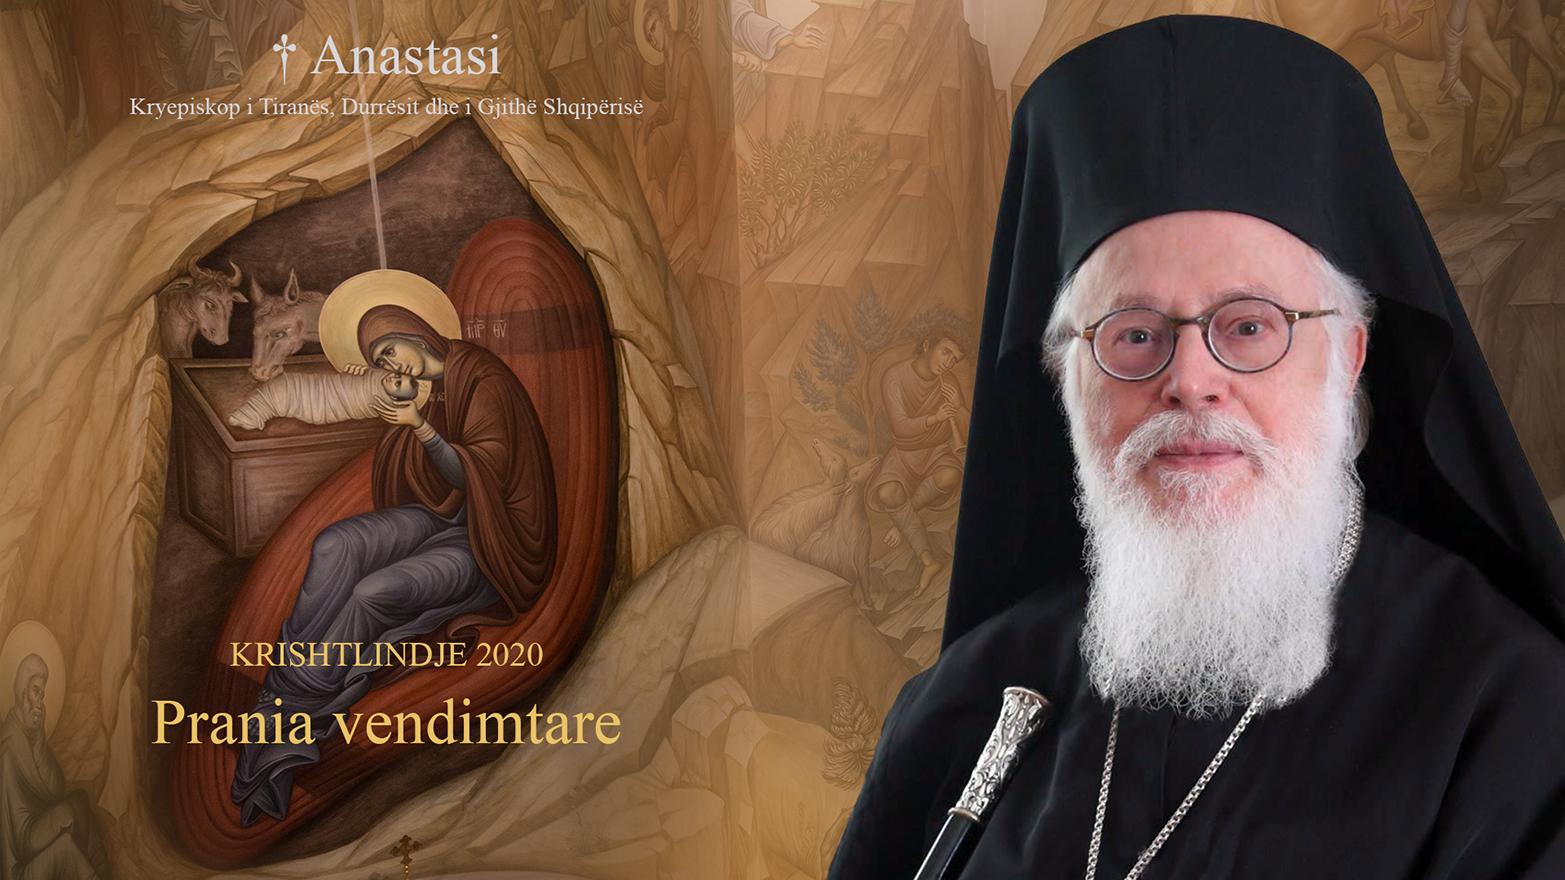 Το μήνυμα του Αρχιεπισκόπου Αλβανίας Αναστασίου για τα Χριστούγεννα 2020